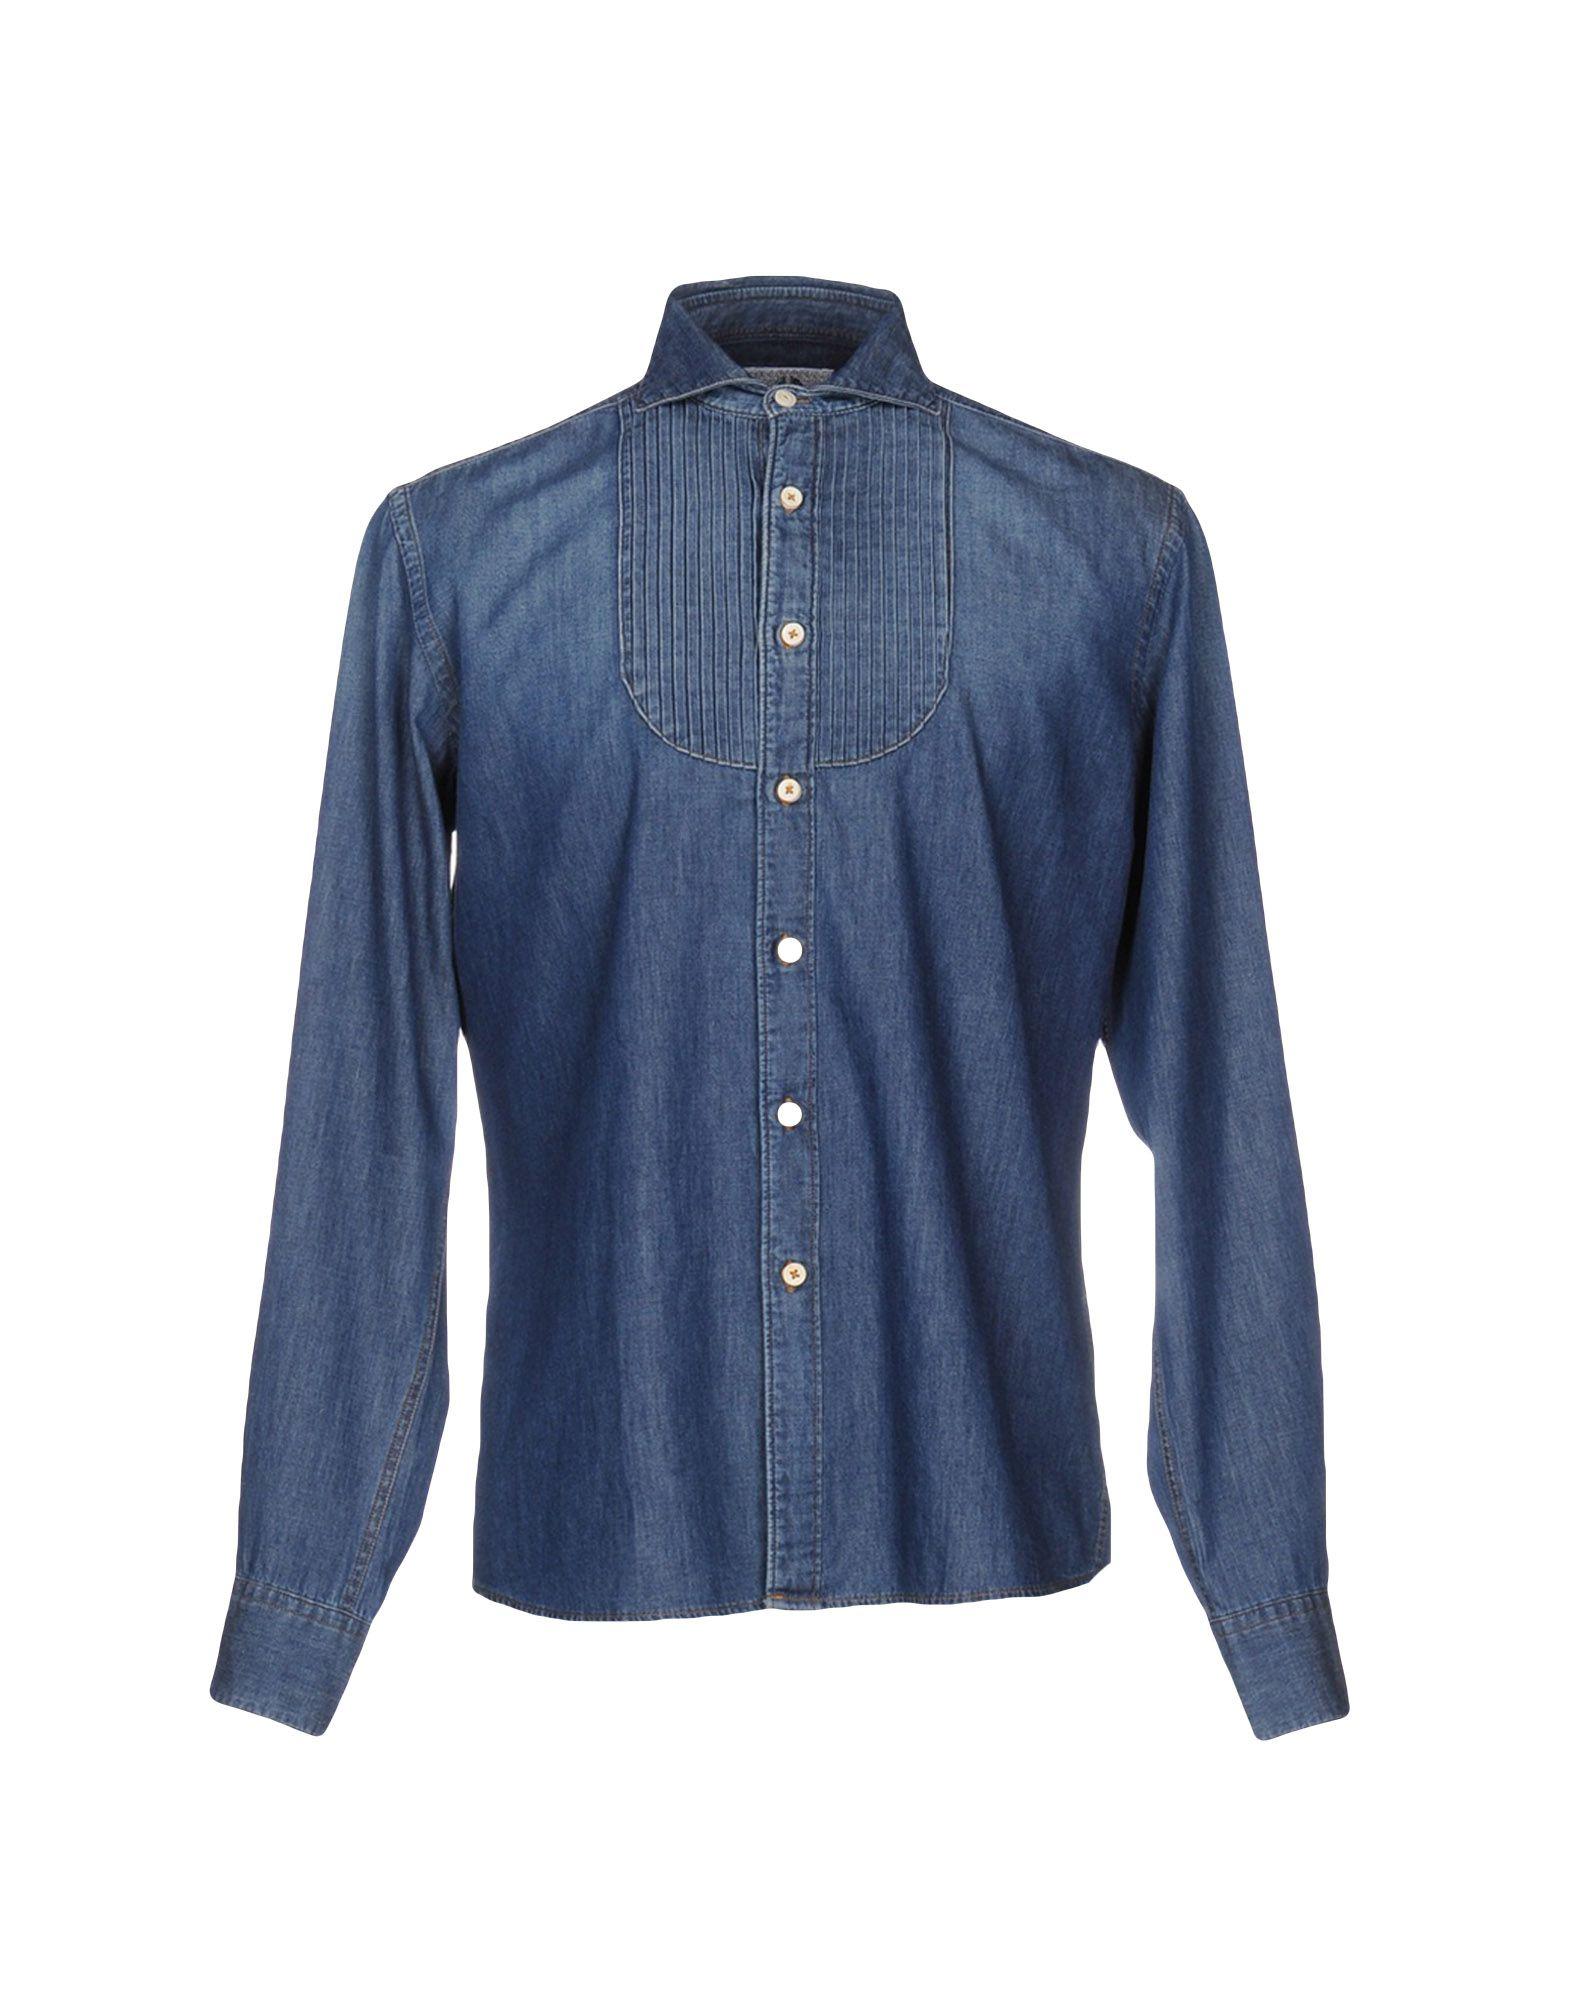 FRADI Джинсовая рубашка рубашка джинсовая с рисунком сердце 3 12 лет